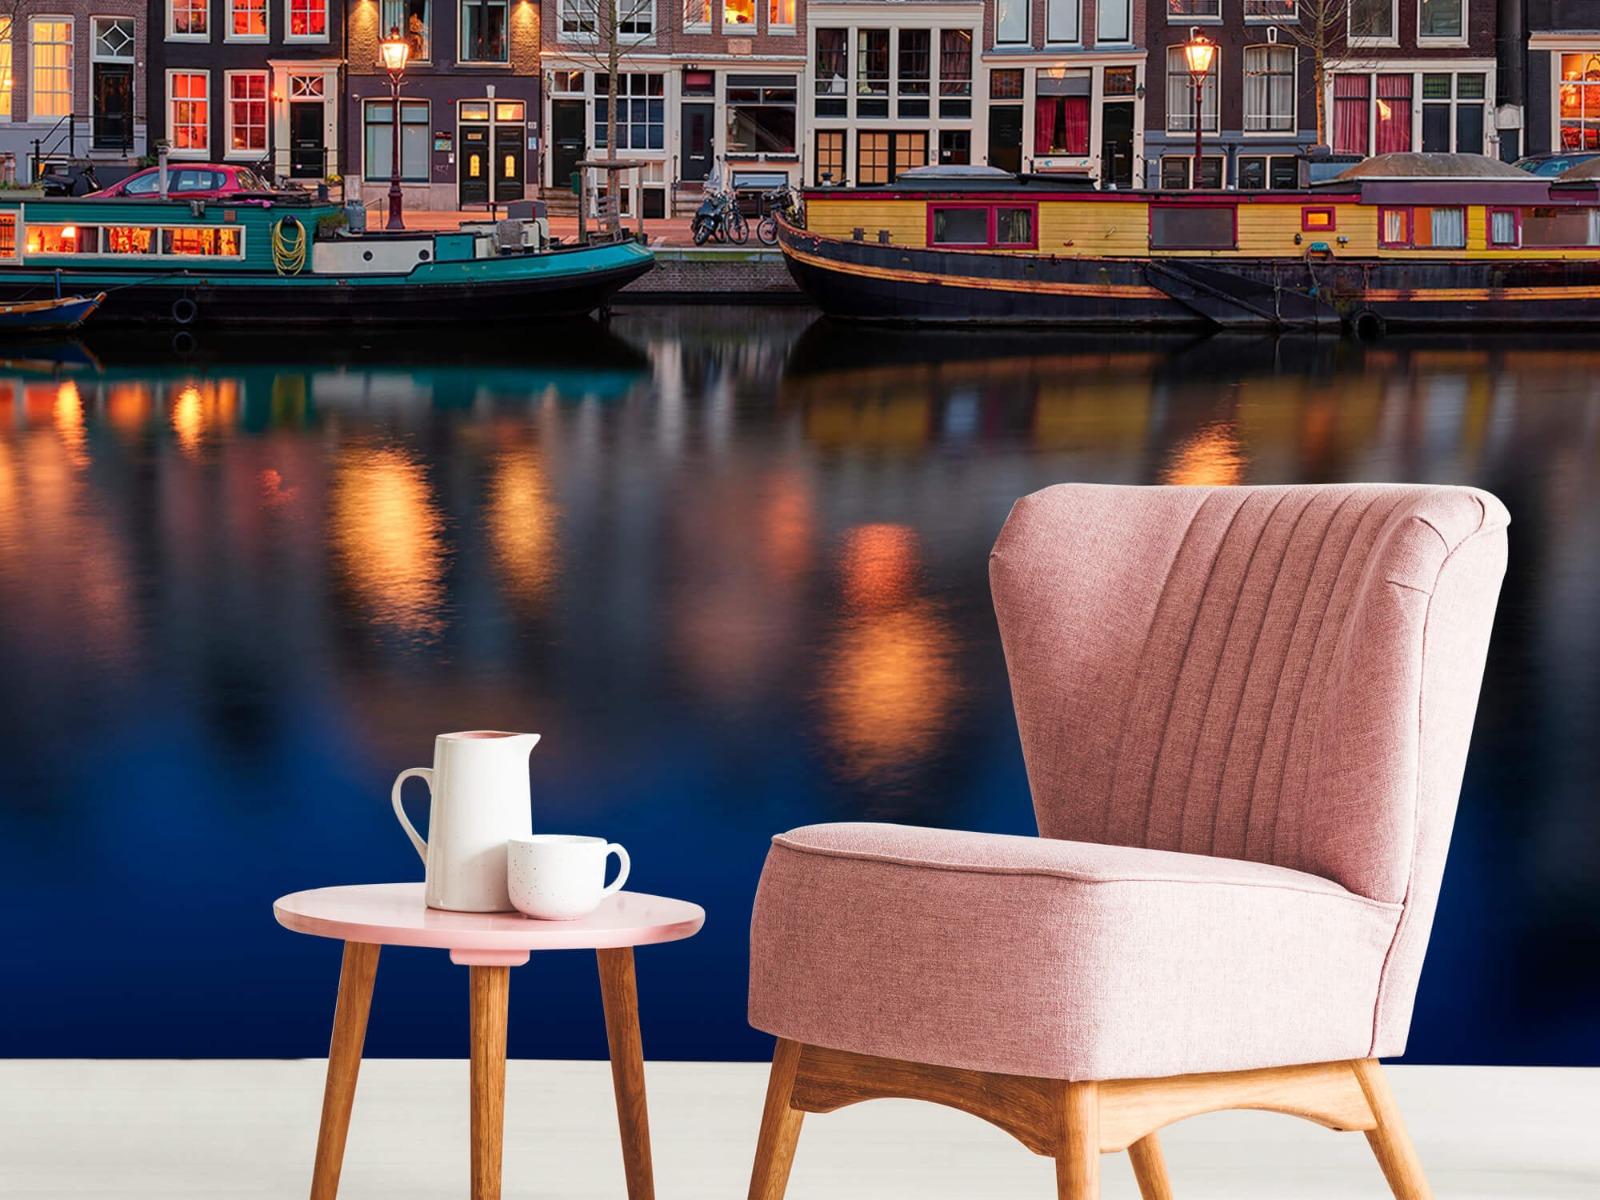 Architectuur - Grachtenpanden Amsterdam - Tienerkamer 8